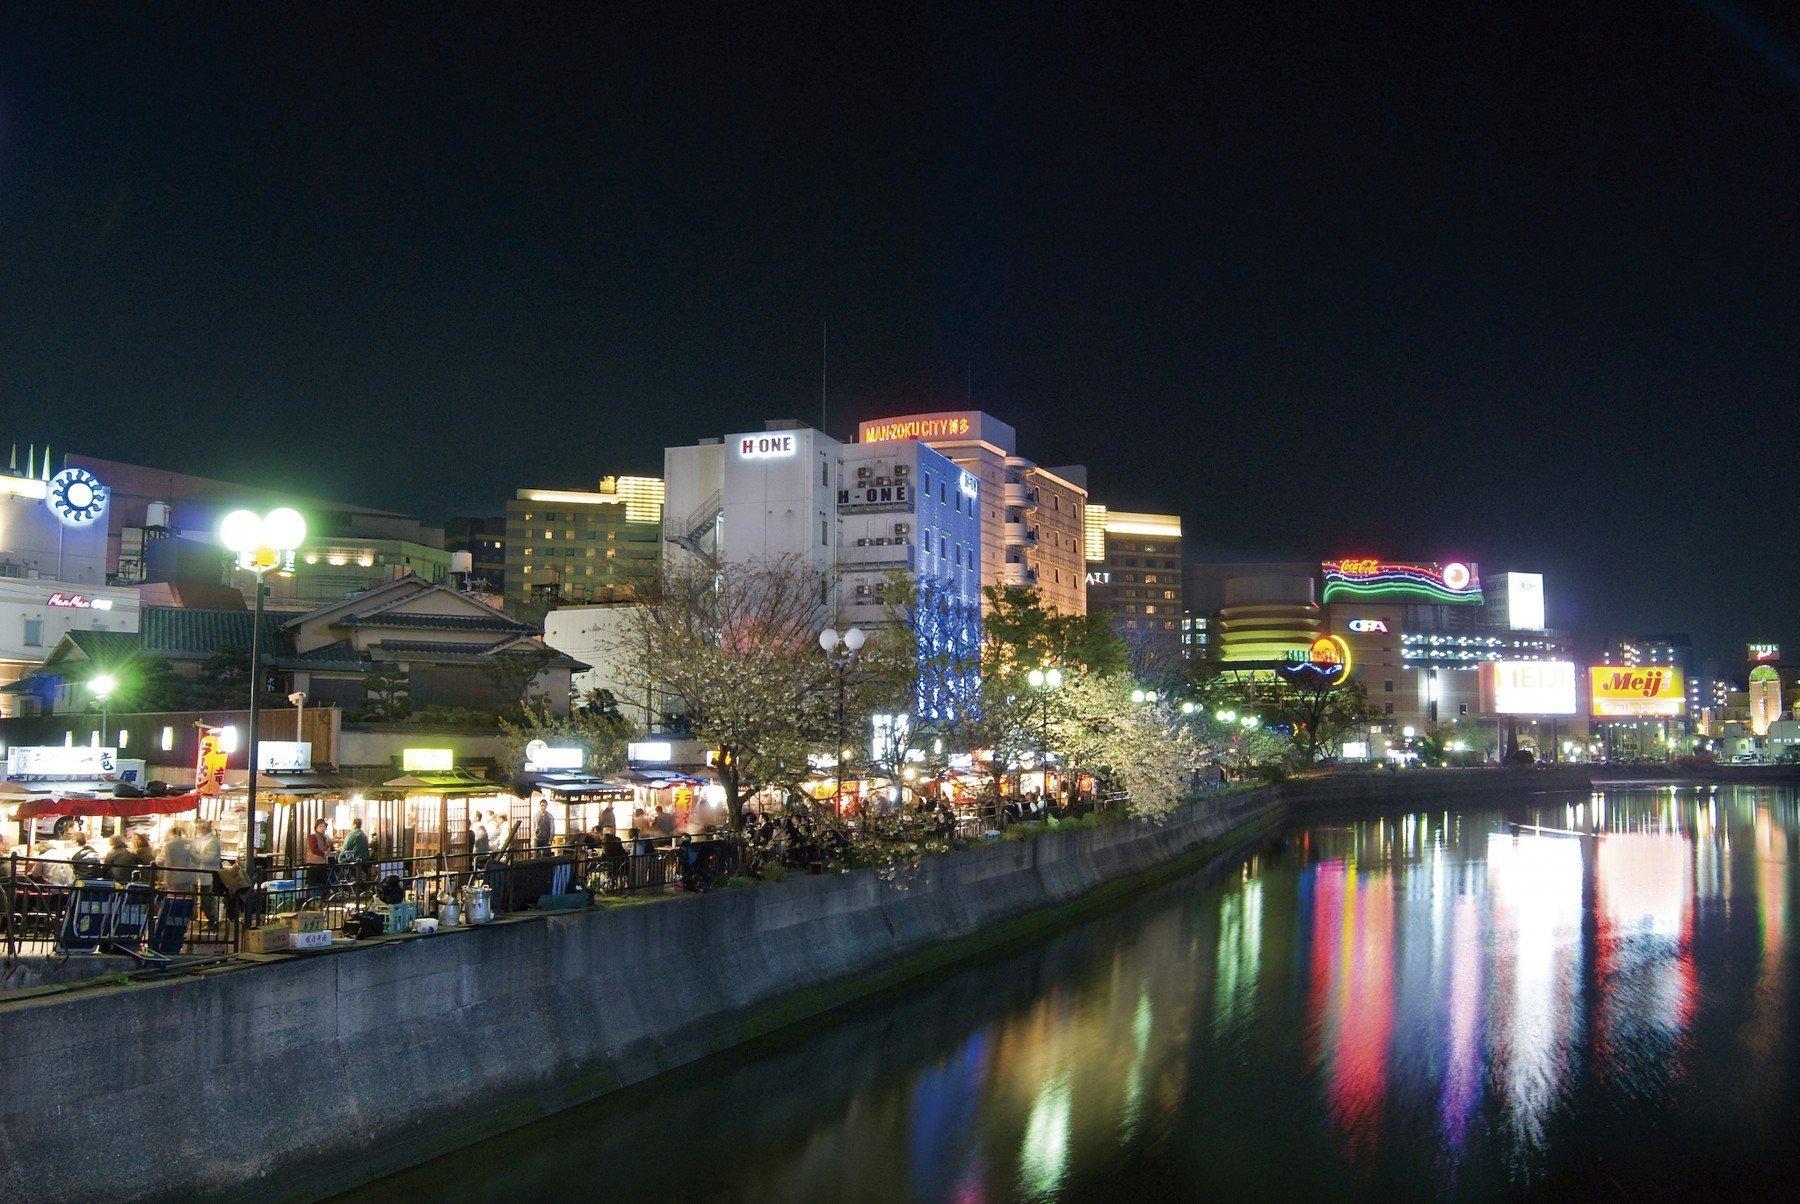 中洲・那珂川沿いに並ぶ屋台(2008)の画像